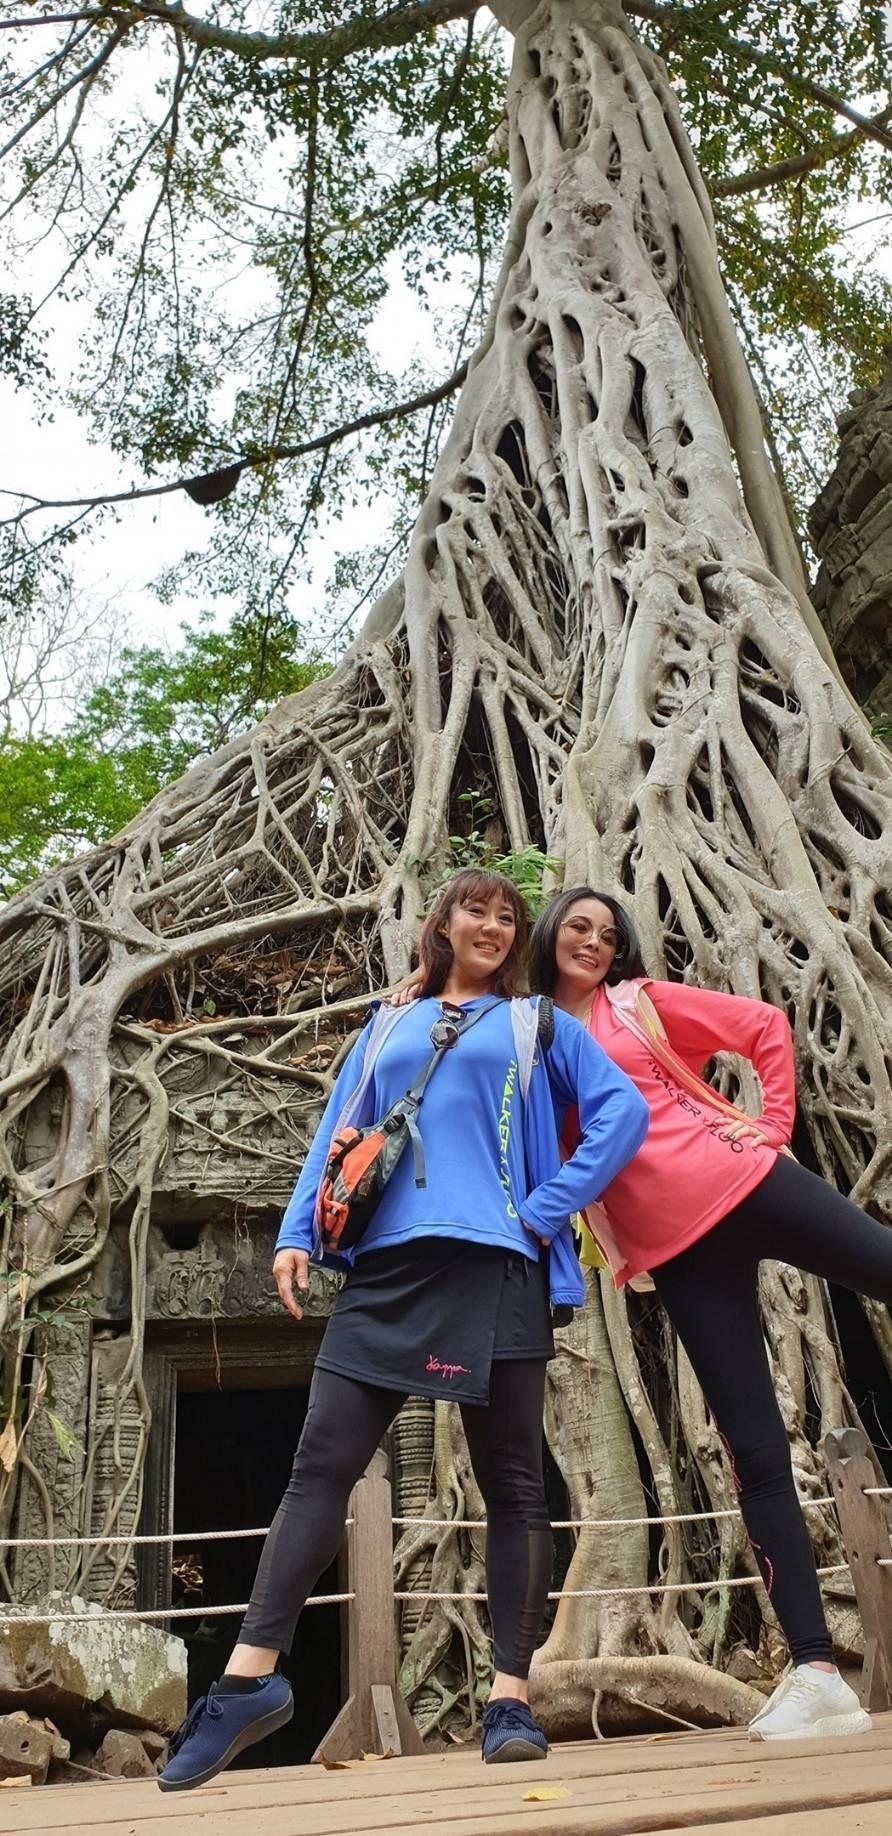 呂文婉(右)及林姿佑朝聖柬埔寨「古墓奇兵」拍攝景點。圖/呂文婉提供